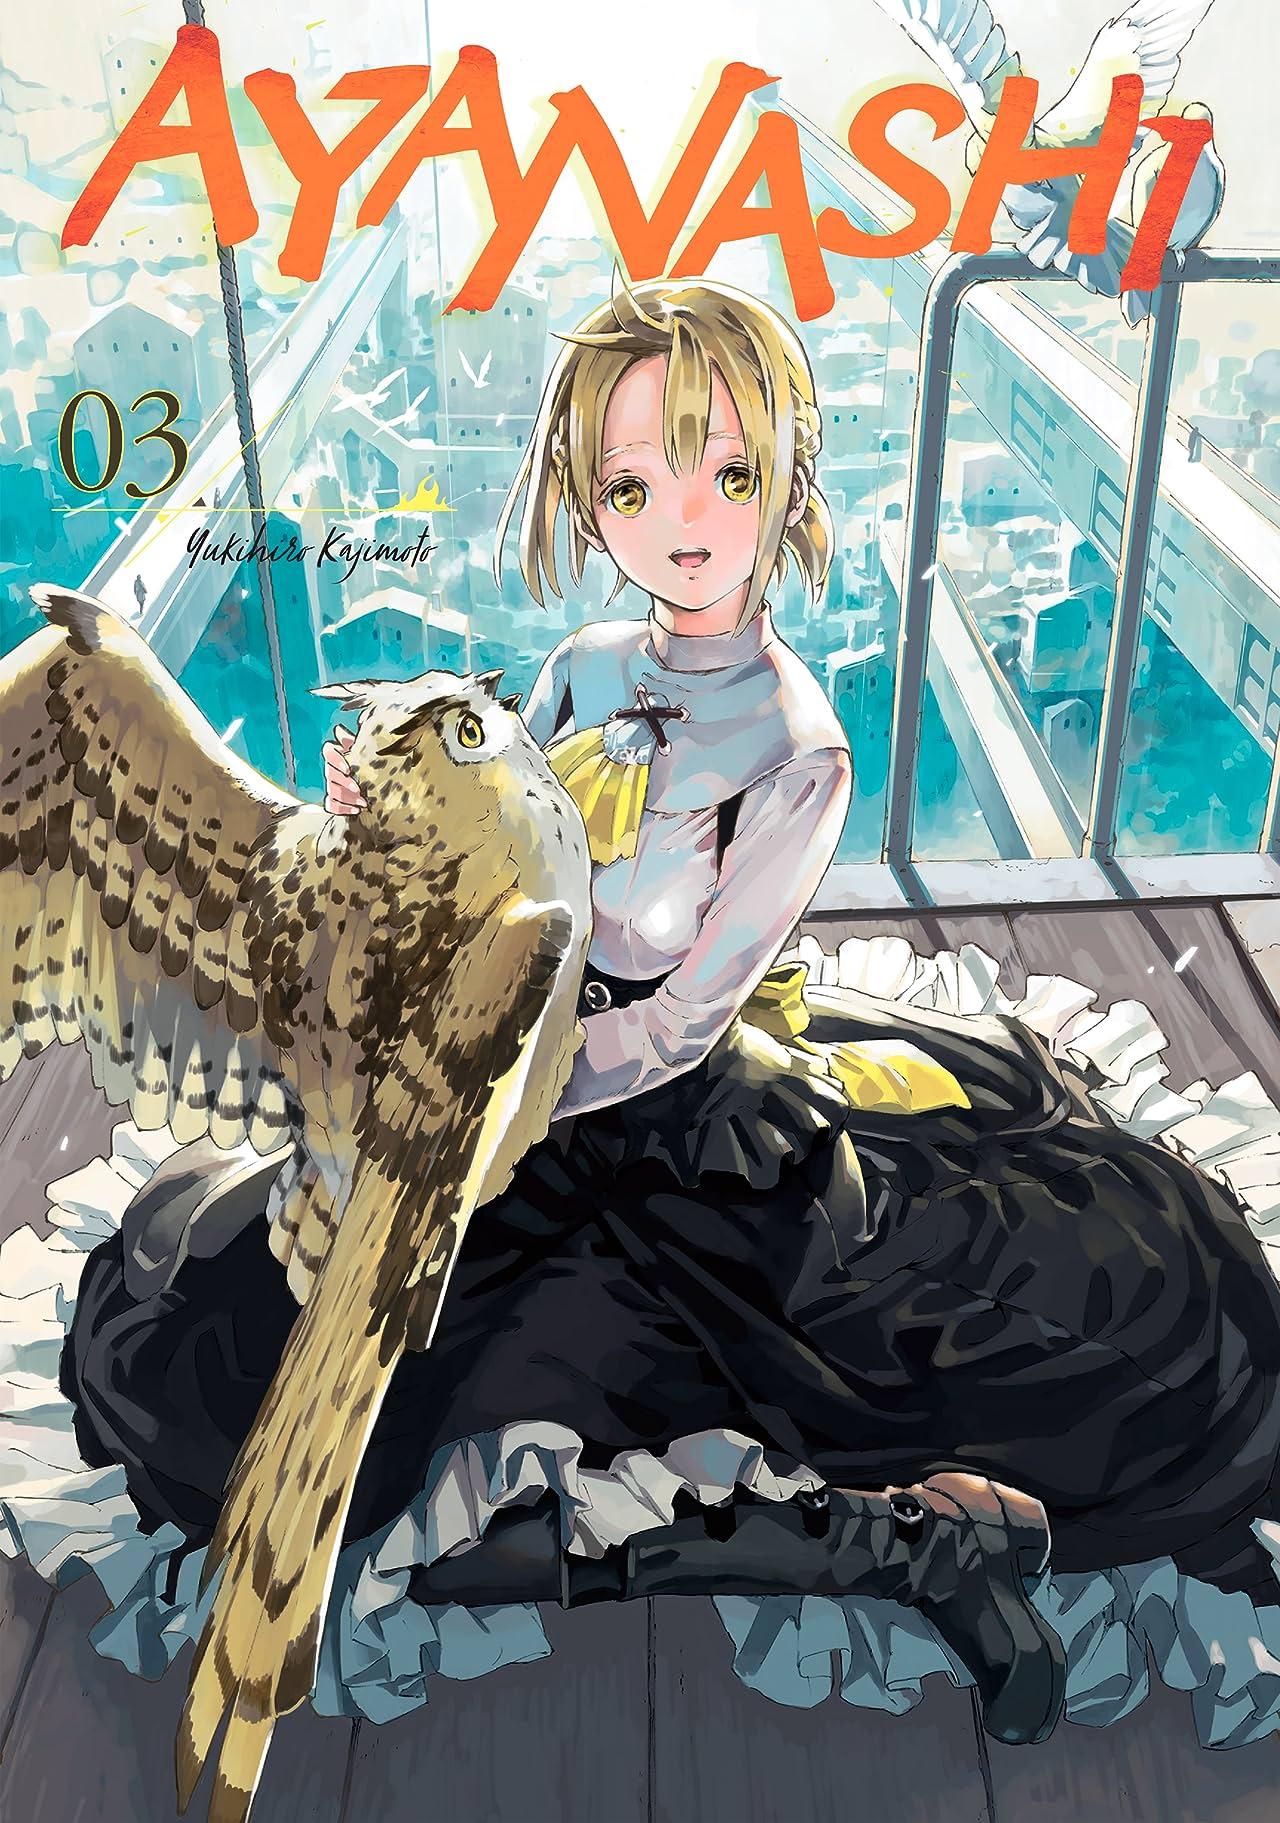 Ayanashi Vol. 3